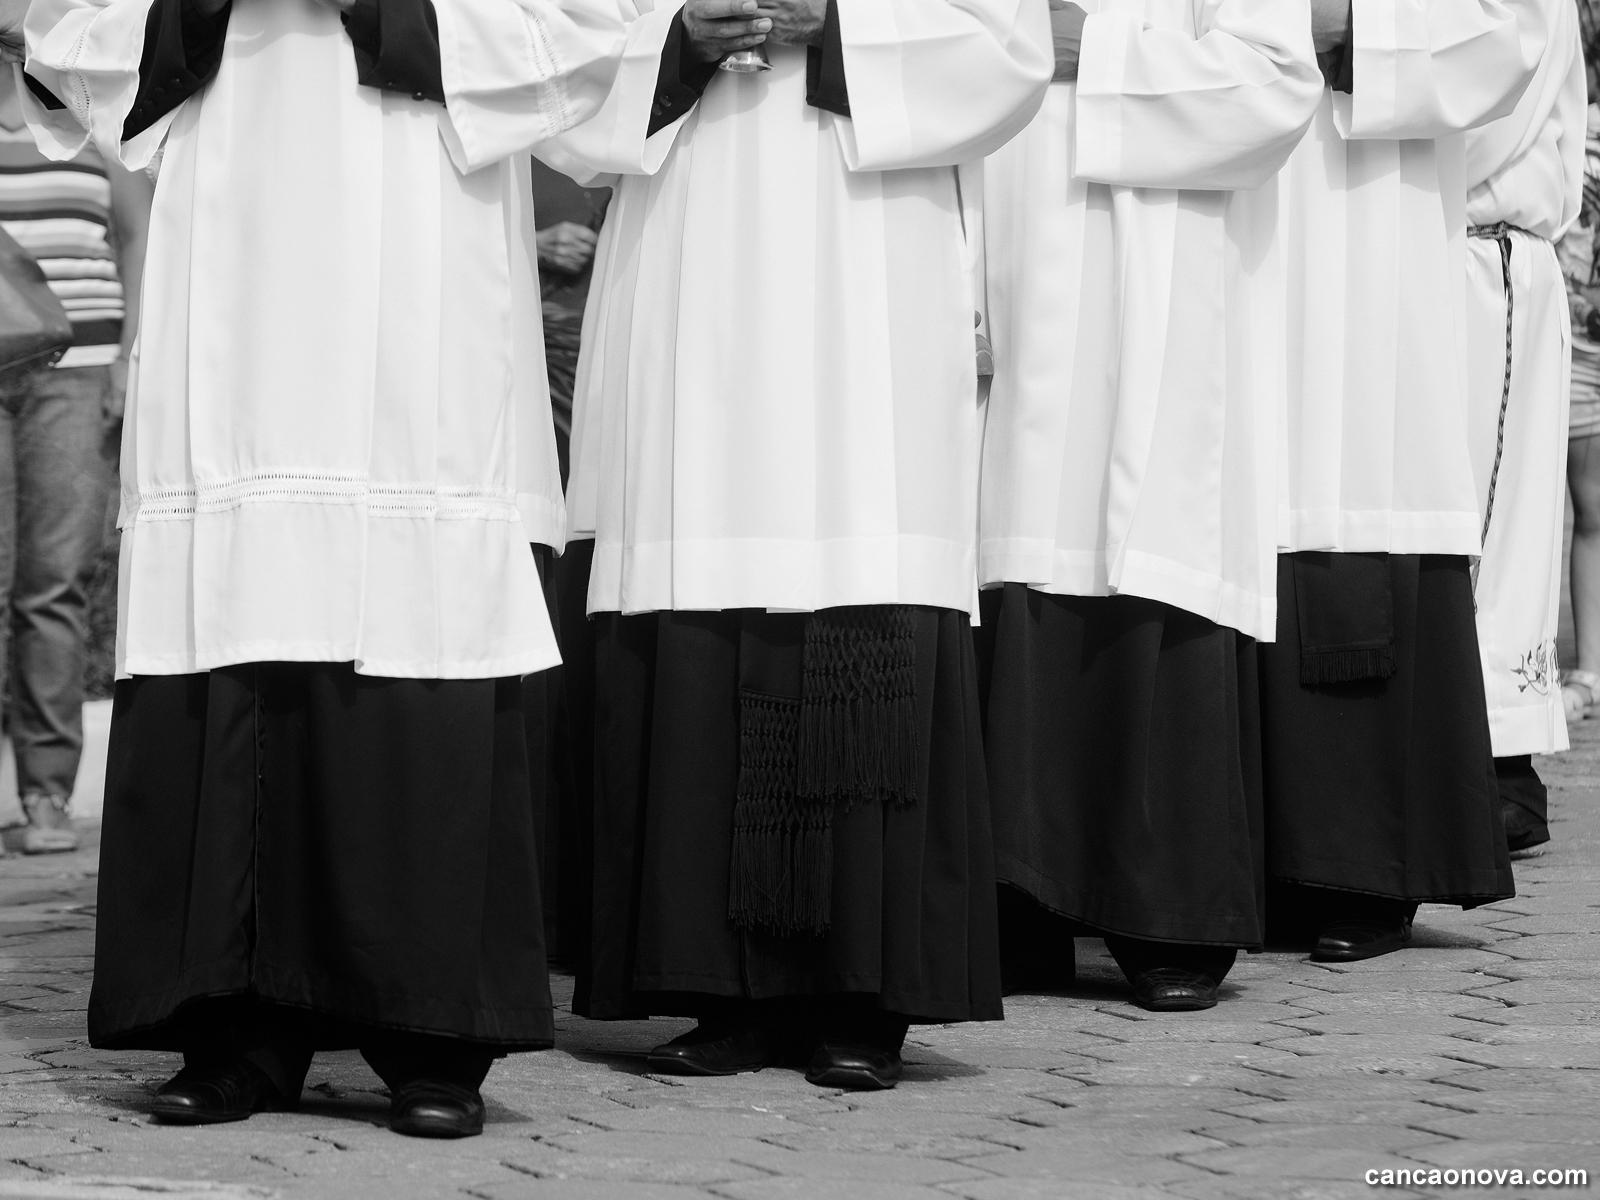 O que é fundamental na vida religiosa